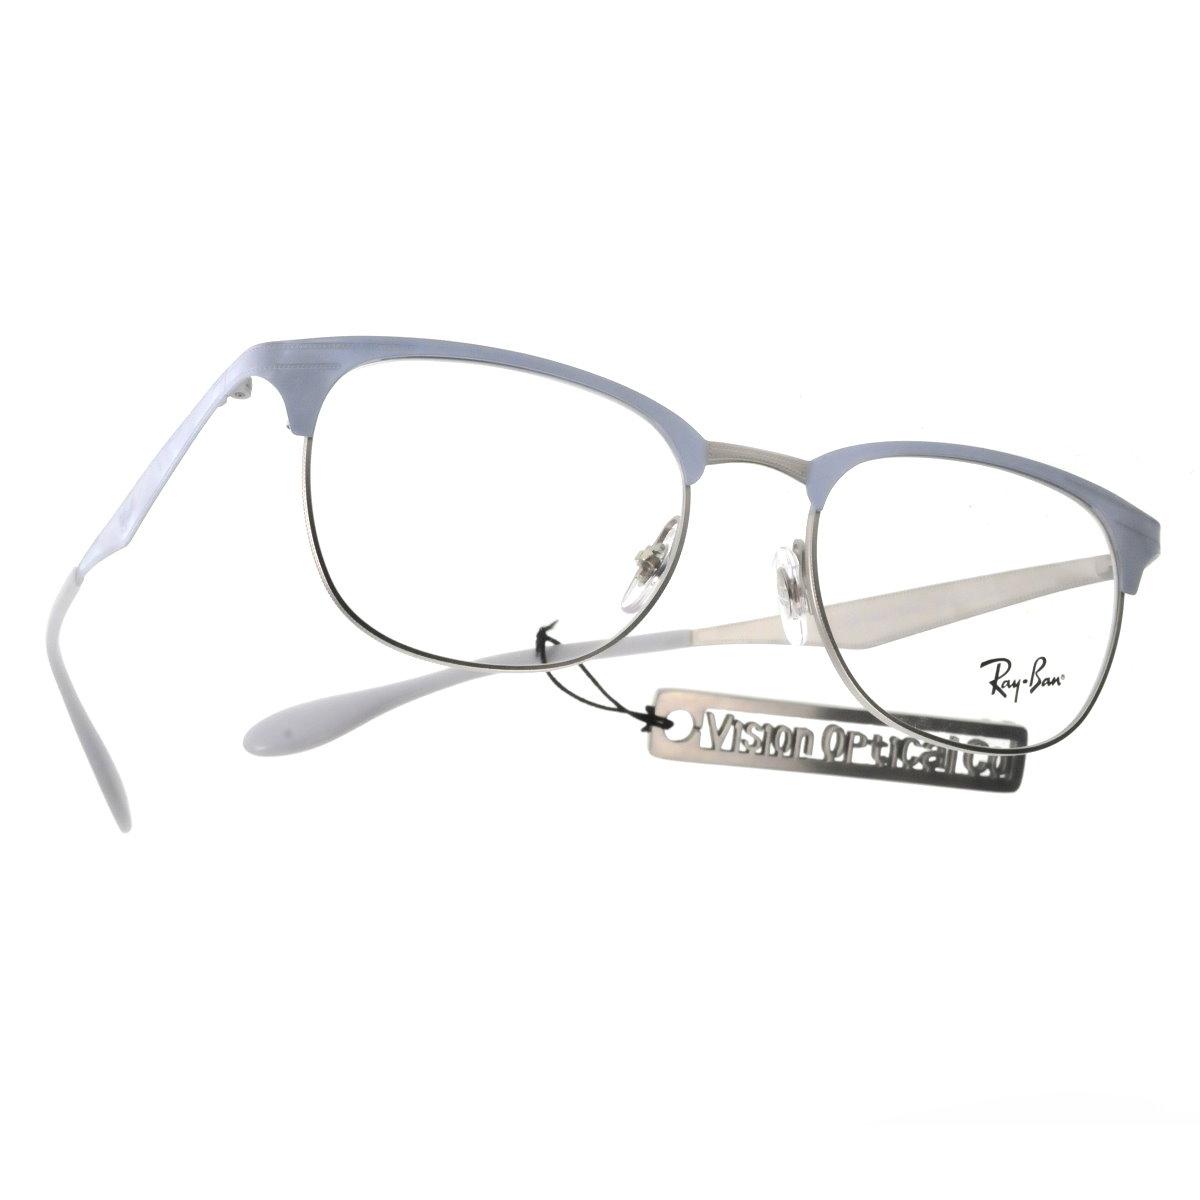 精明眼鏡公司: RAY BAN RB6346 眉款金屬眼鏡